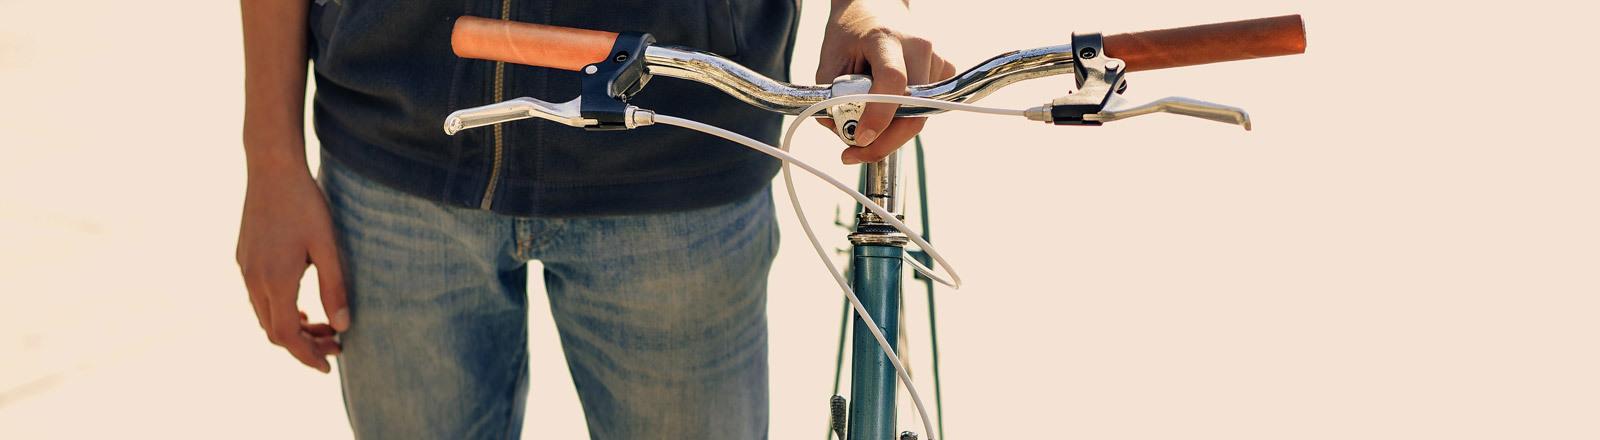 Eine Person hält ein Fahrrad am Lenker